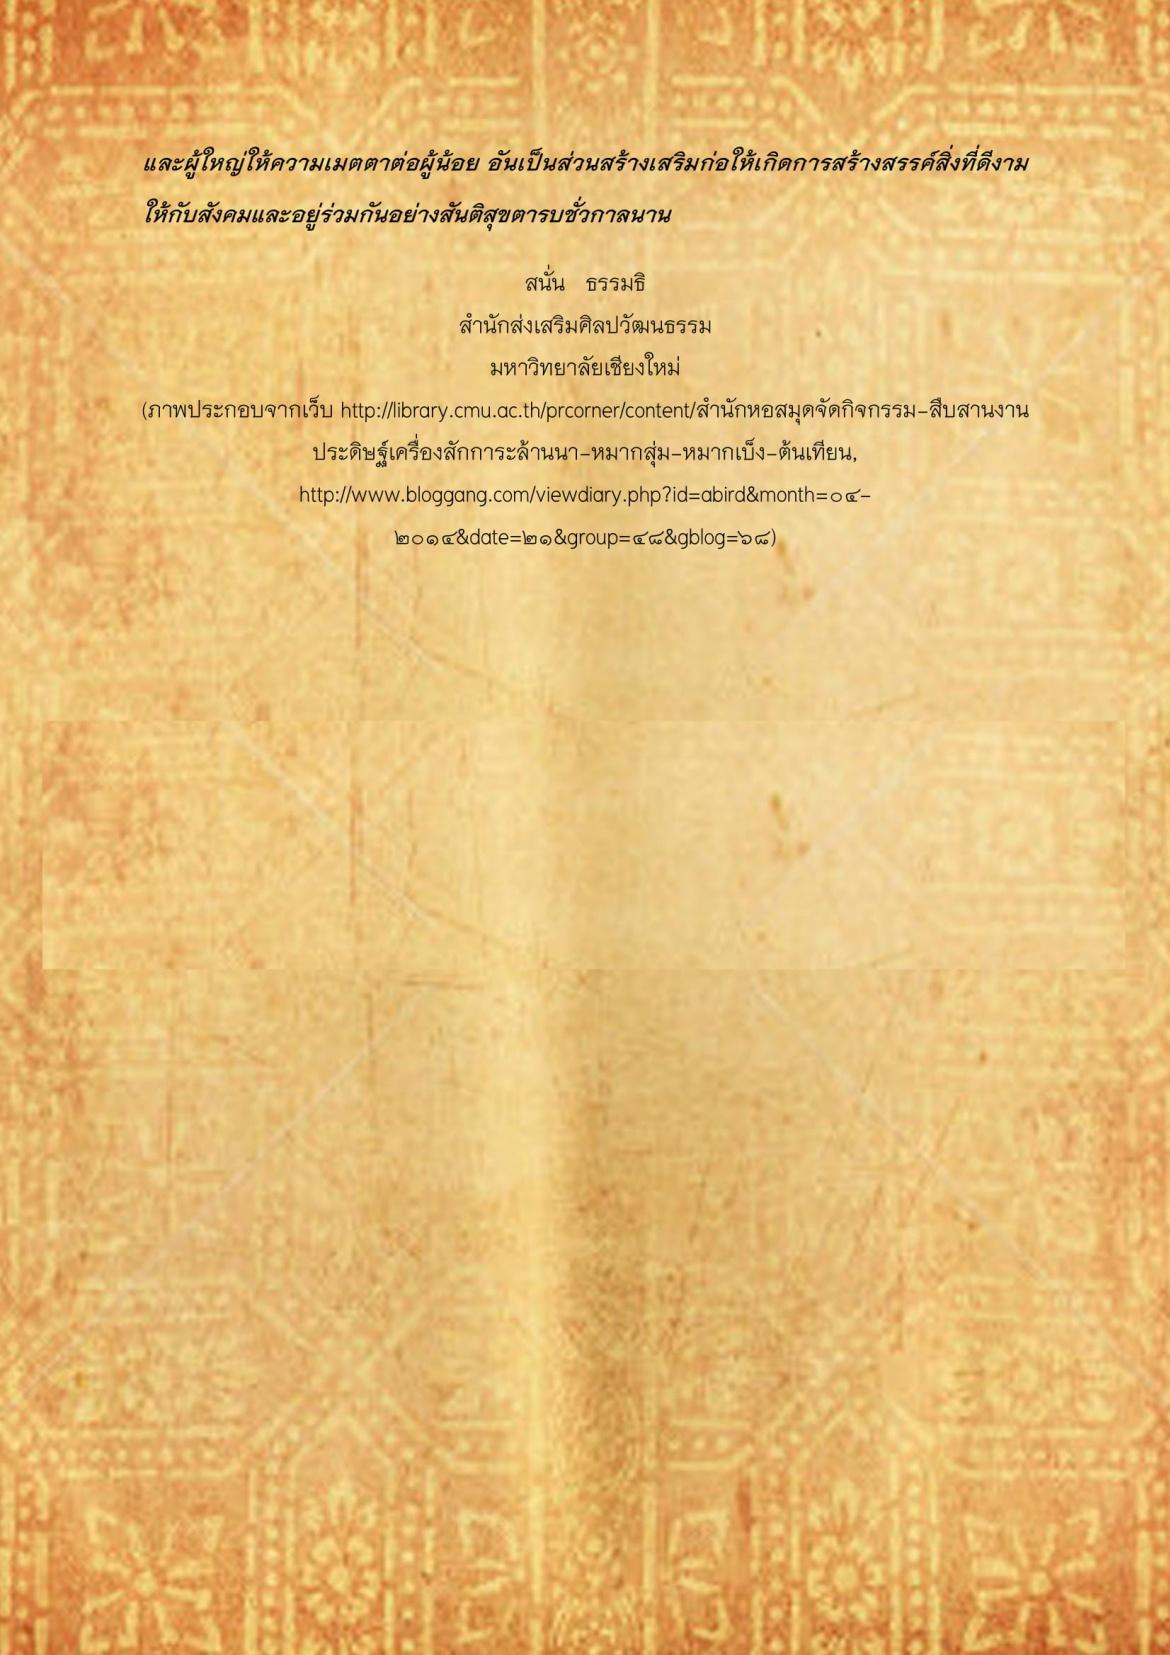 ประเพณีปีใหม่ล้านนาเเละประเพณีสักการะสระเกล้าดำหัว(2) - 10 เมษายน 2560